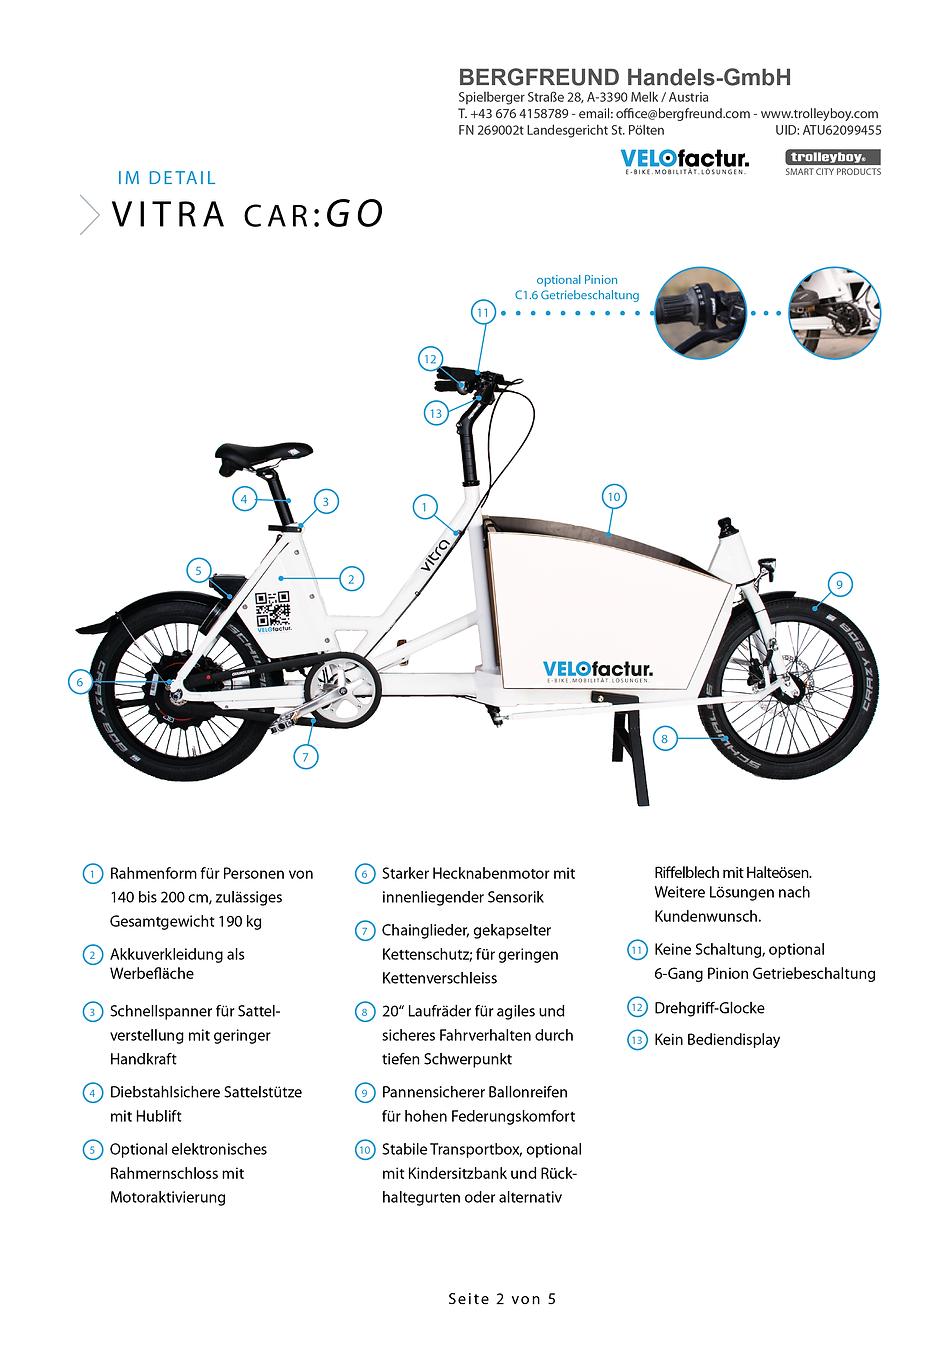 Prospekt_V01_VITRA_CARGO_Zeichenfläche_3